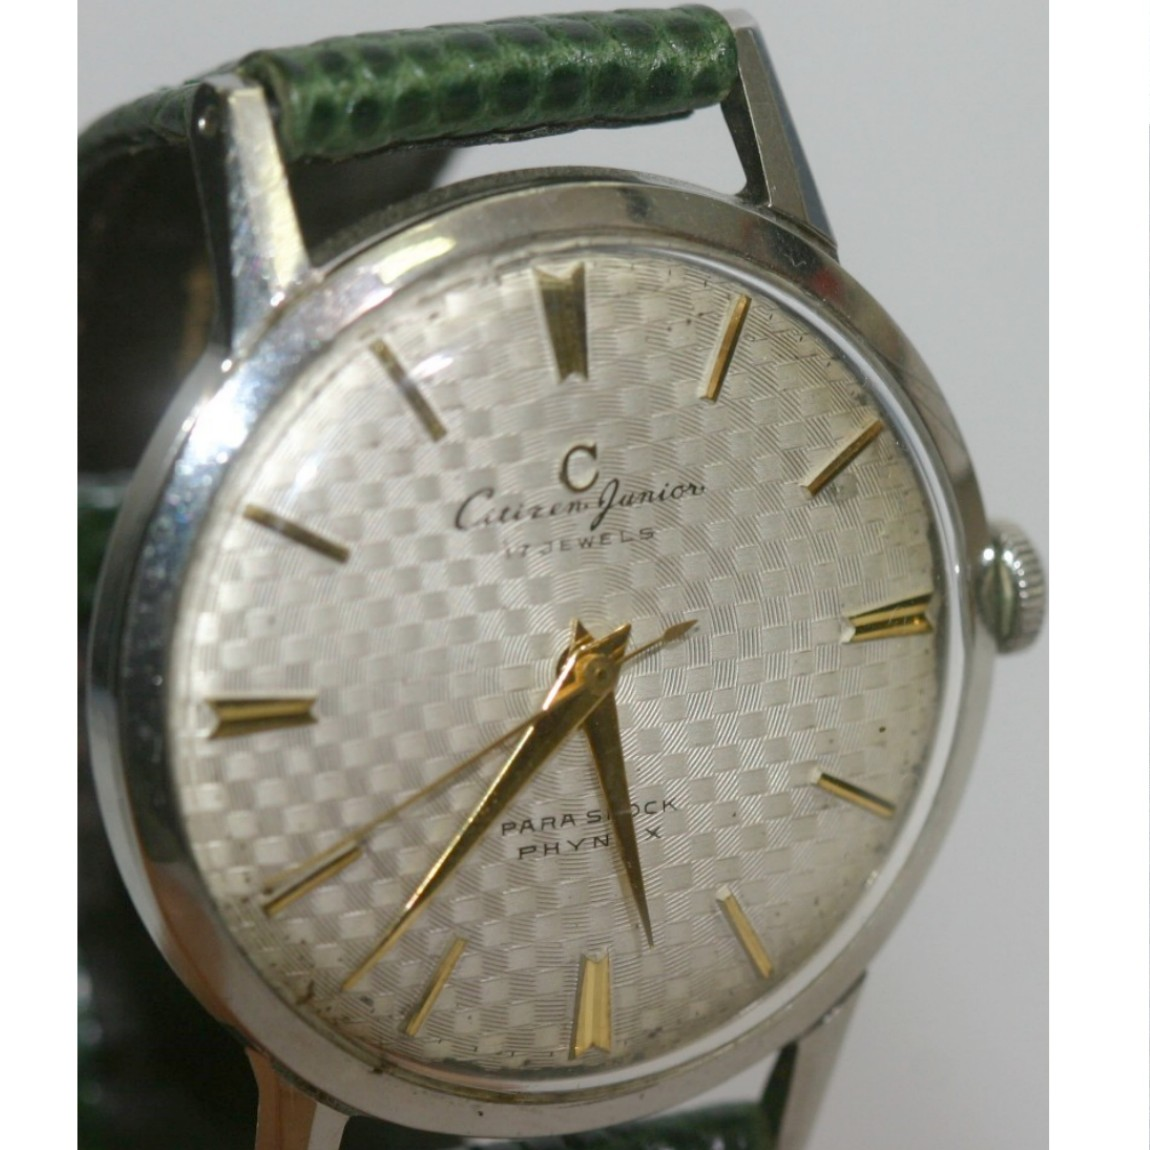 【中古】本物完動品レアなシチズン手巻きの紳士用時計ジュニア17石1950年代センターセカンド1ヶ月保障つき 290912-1